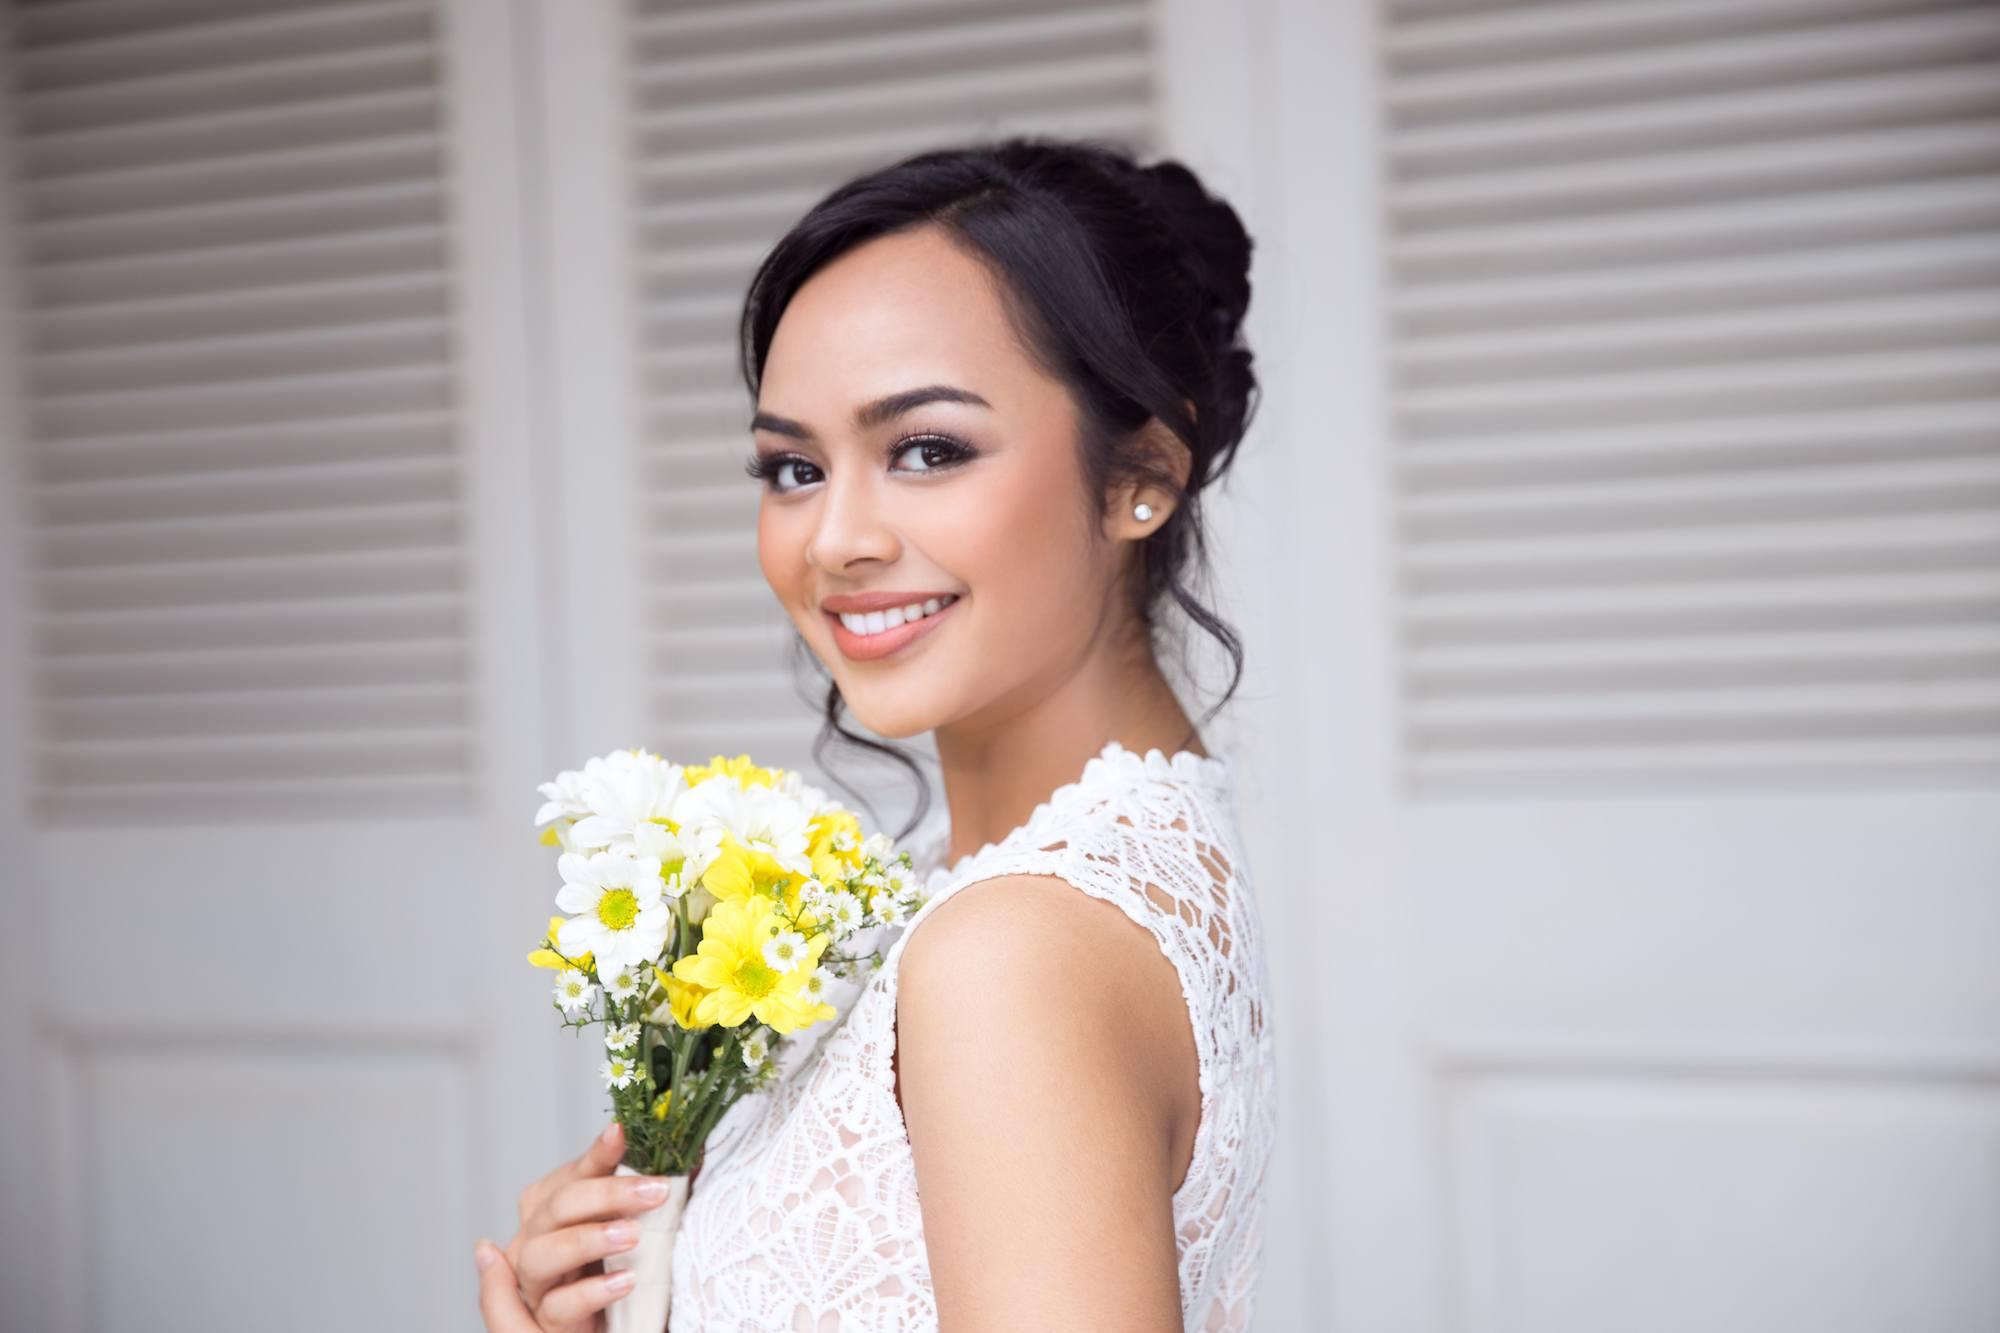 Gaya rambut pengantin sederhana Indonesia.